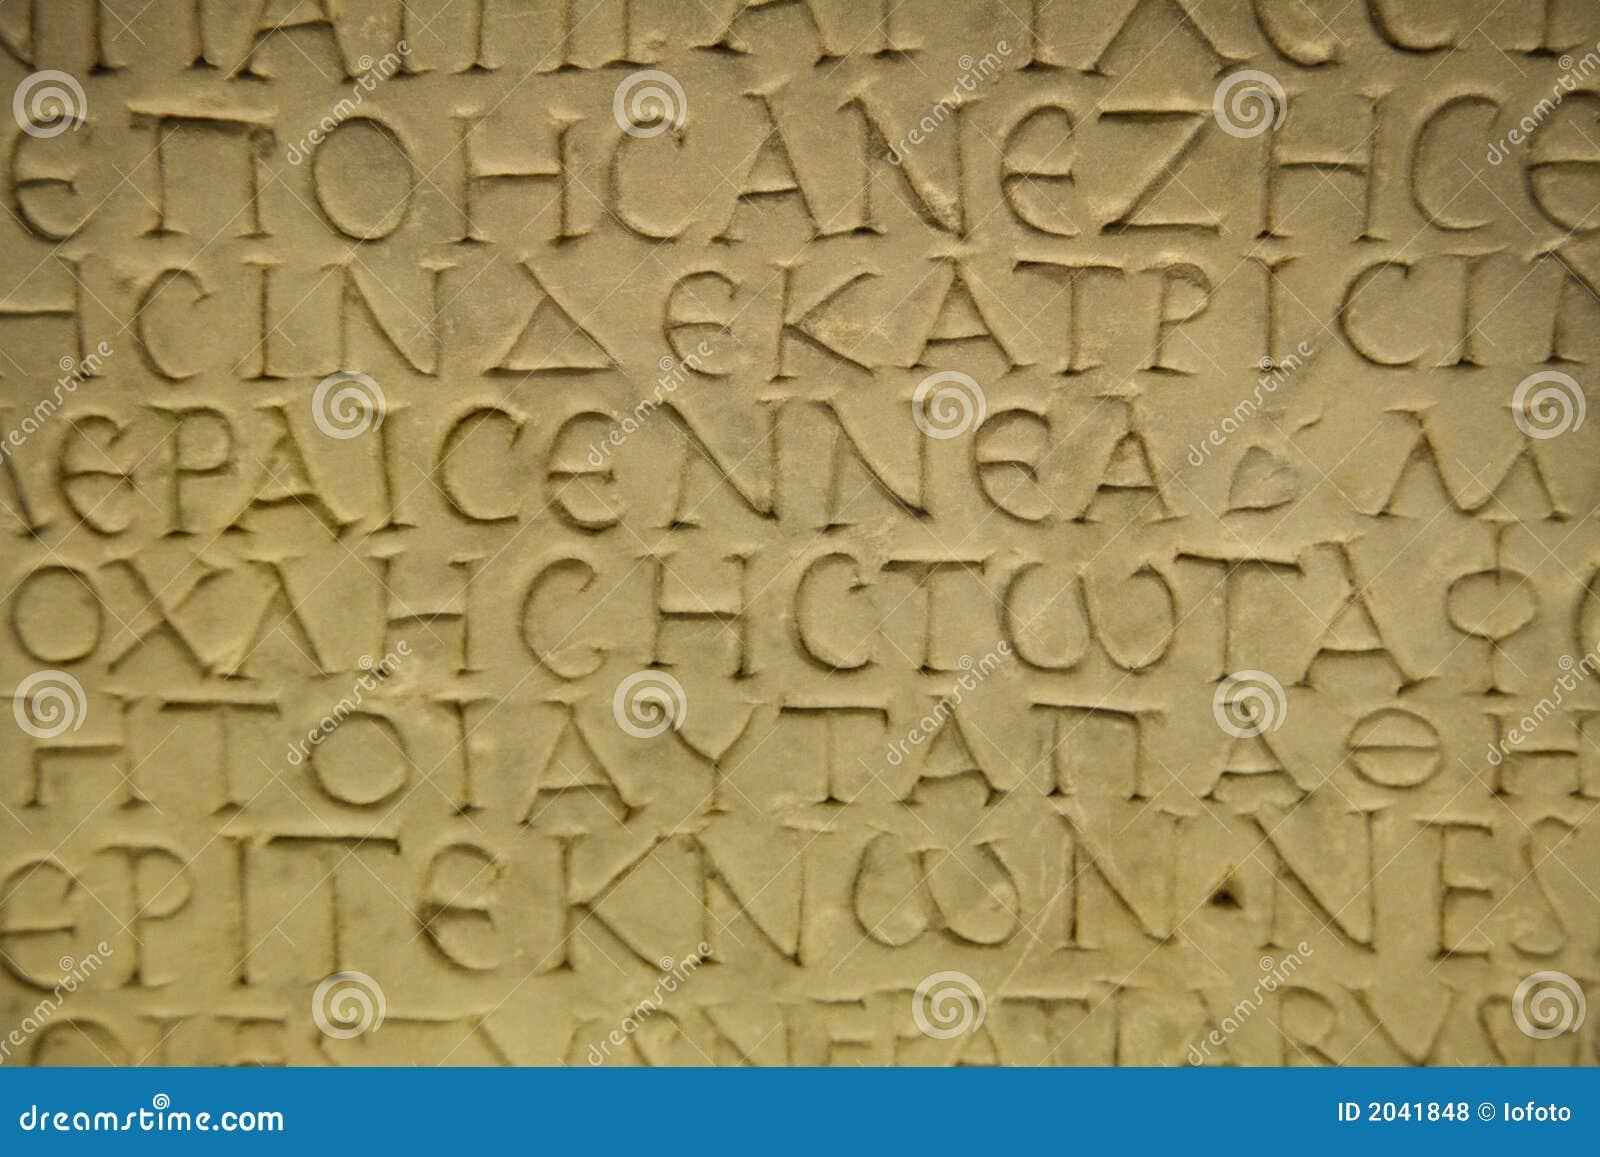 Script in stone, Rome, Italy.